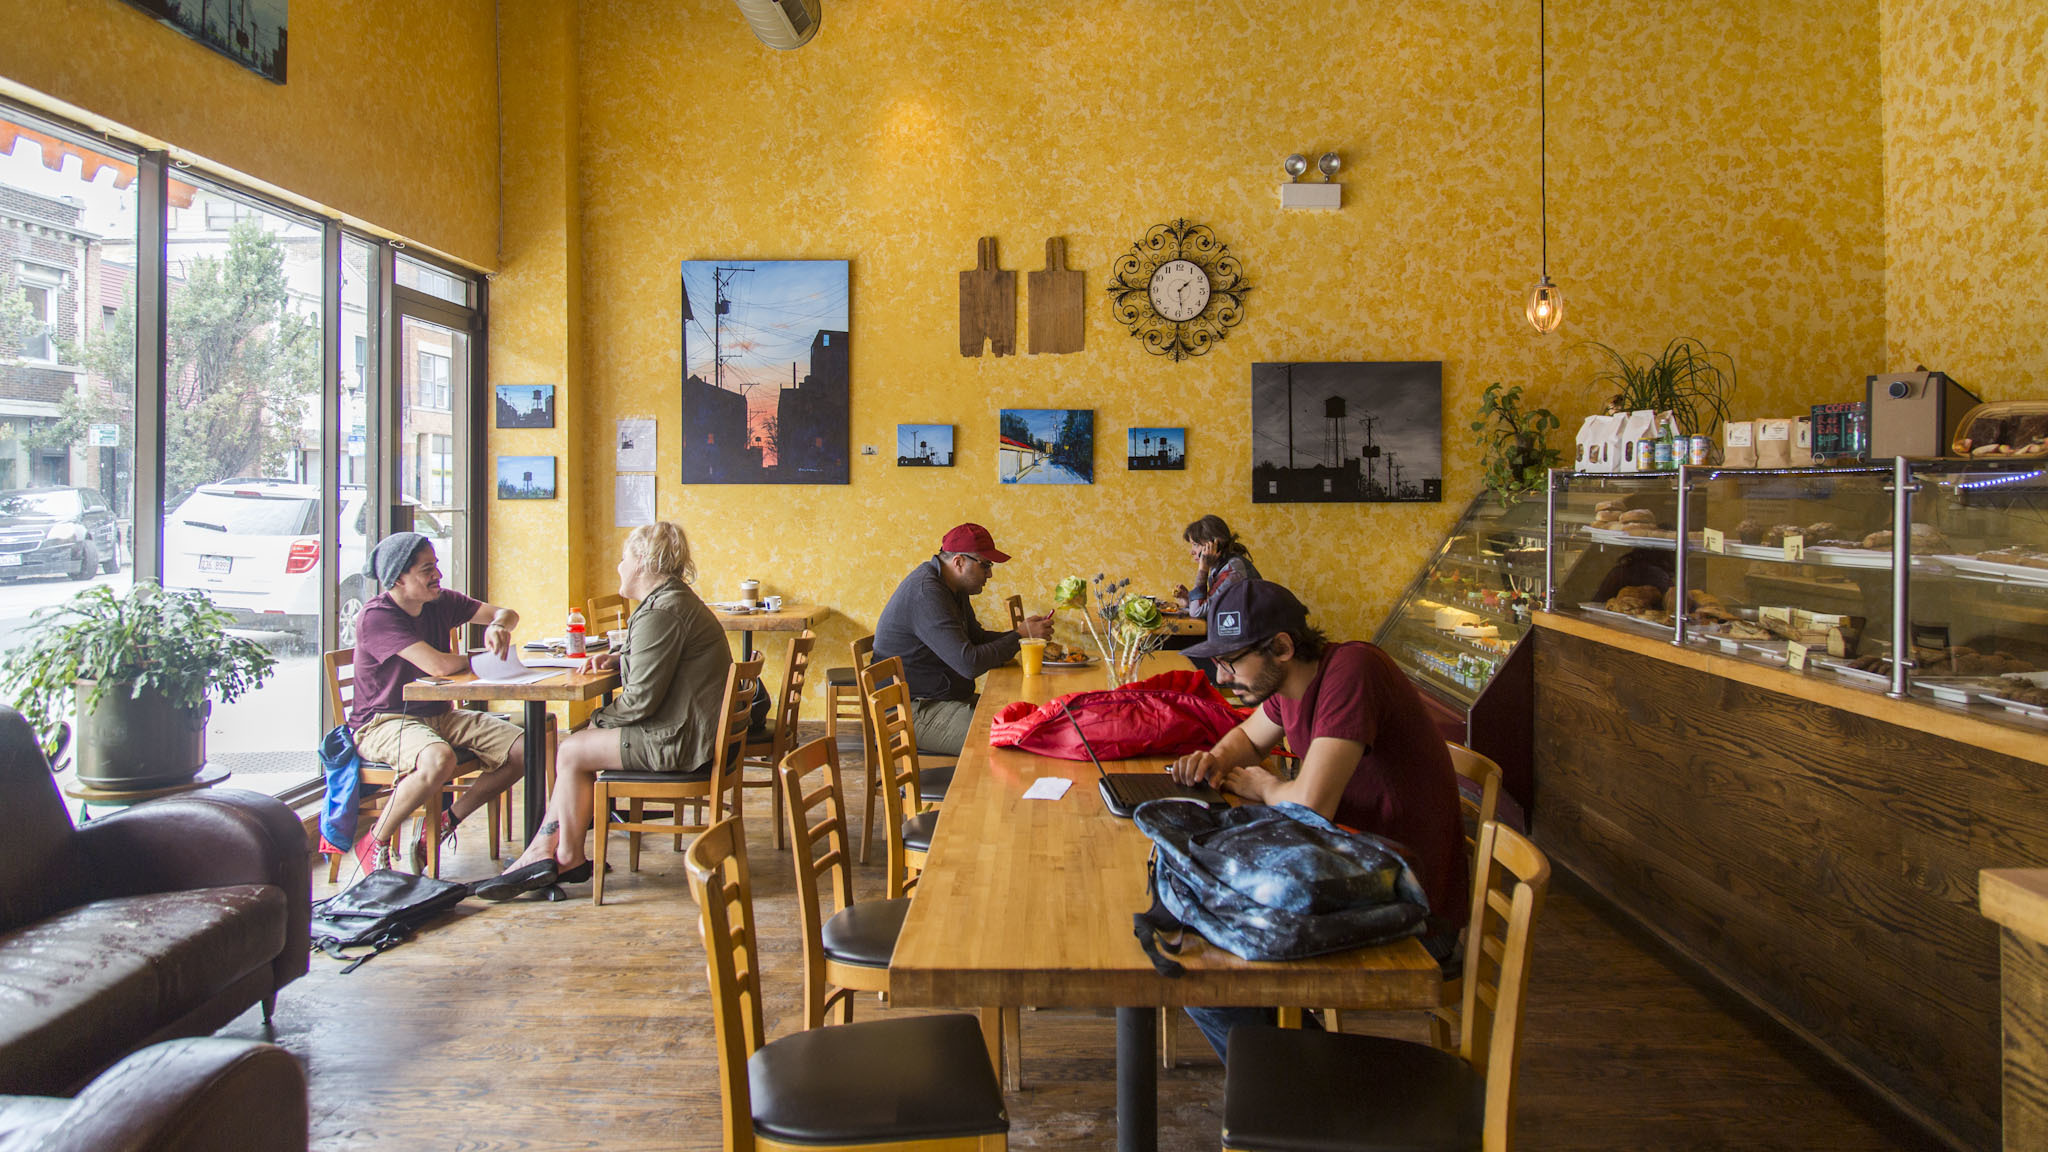 La Farine Bakery & Cafe